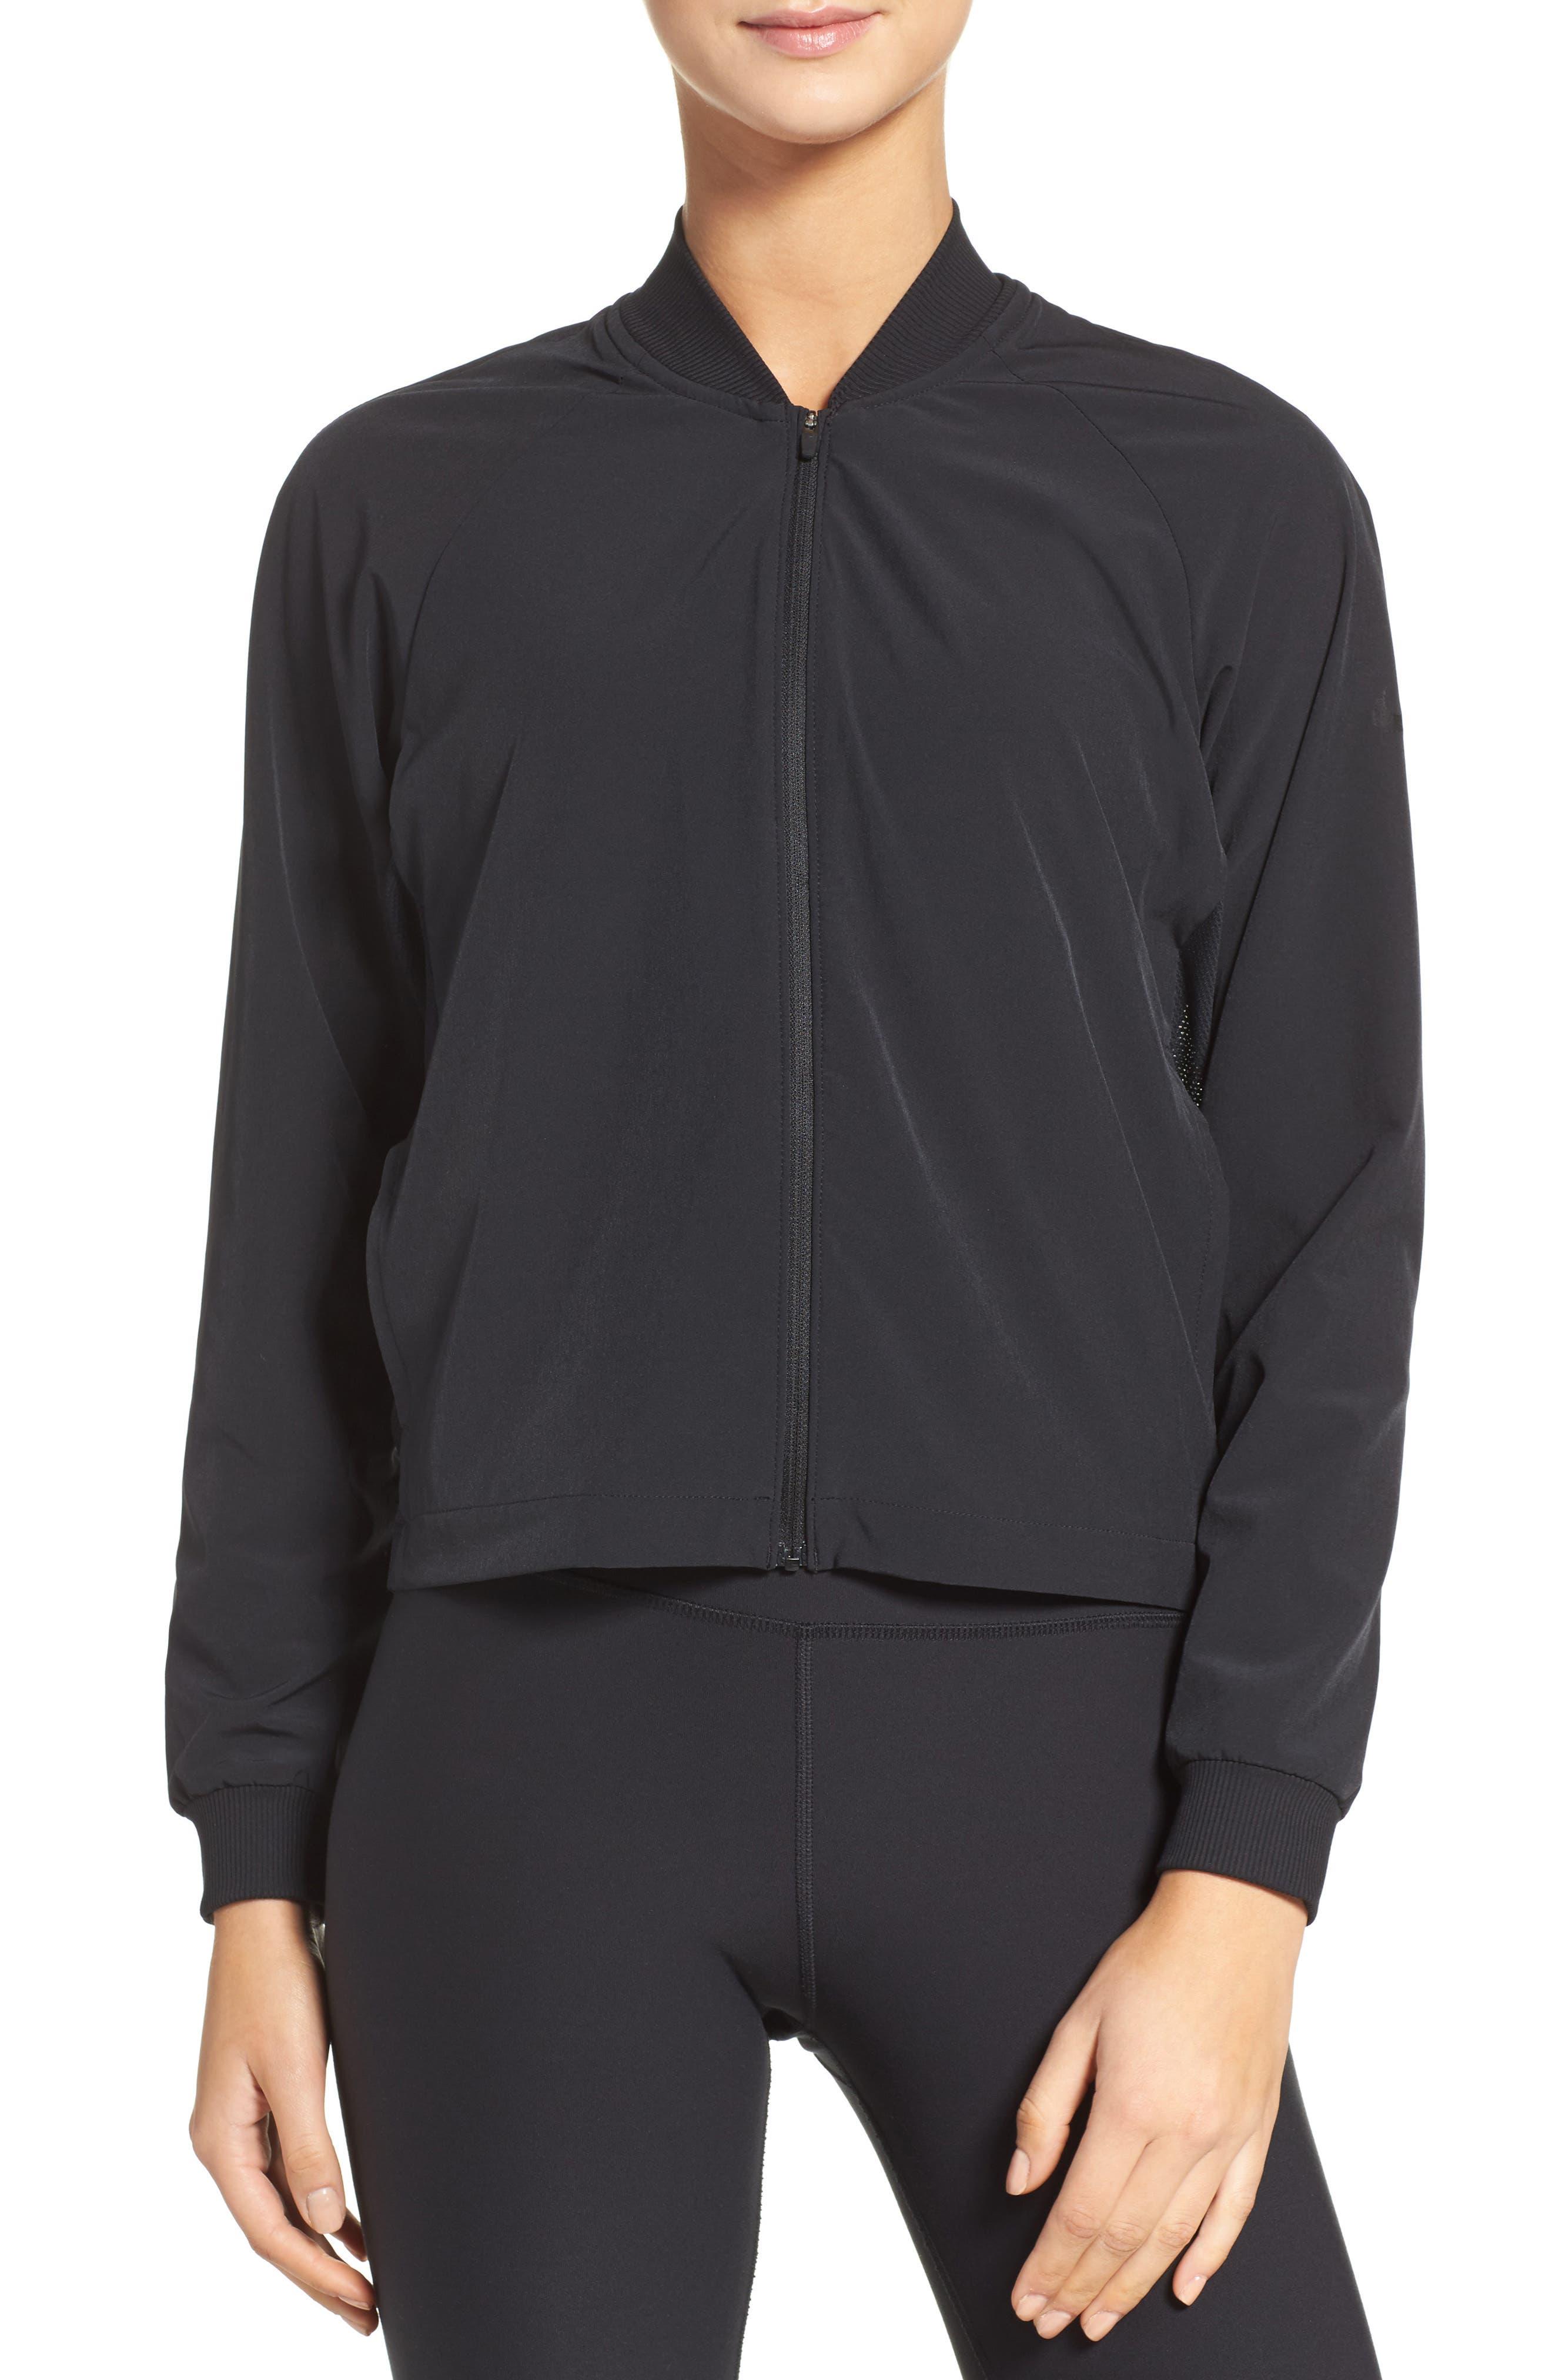 Flex Dri-FIT Training Jacket,                         Main,                         color, 010